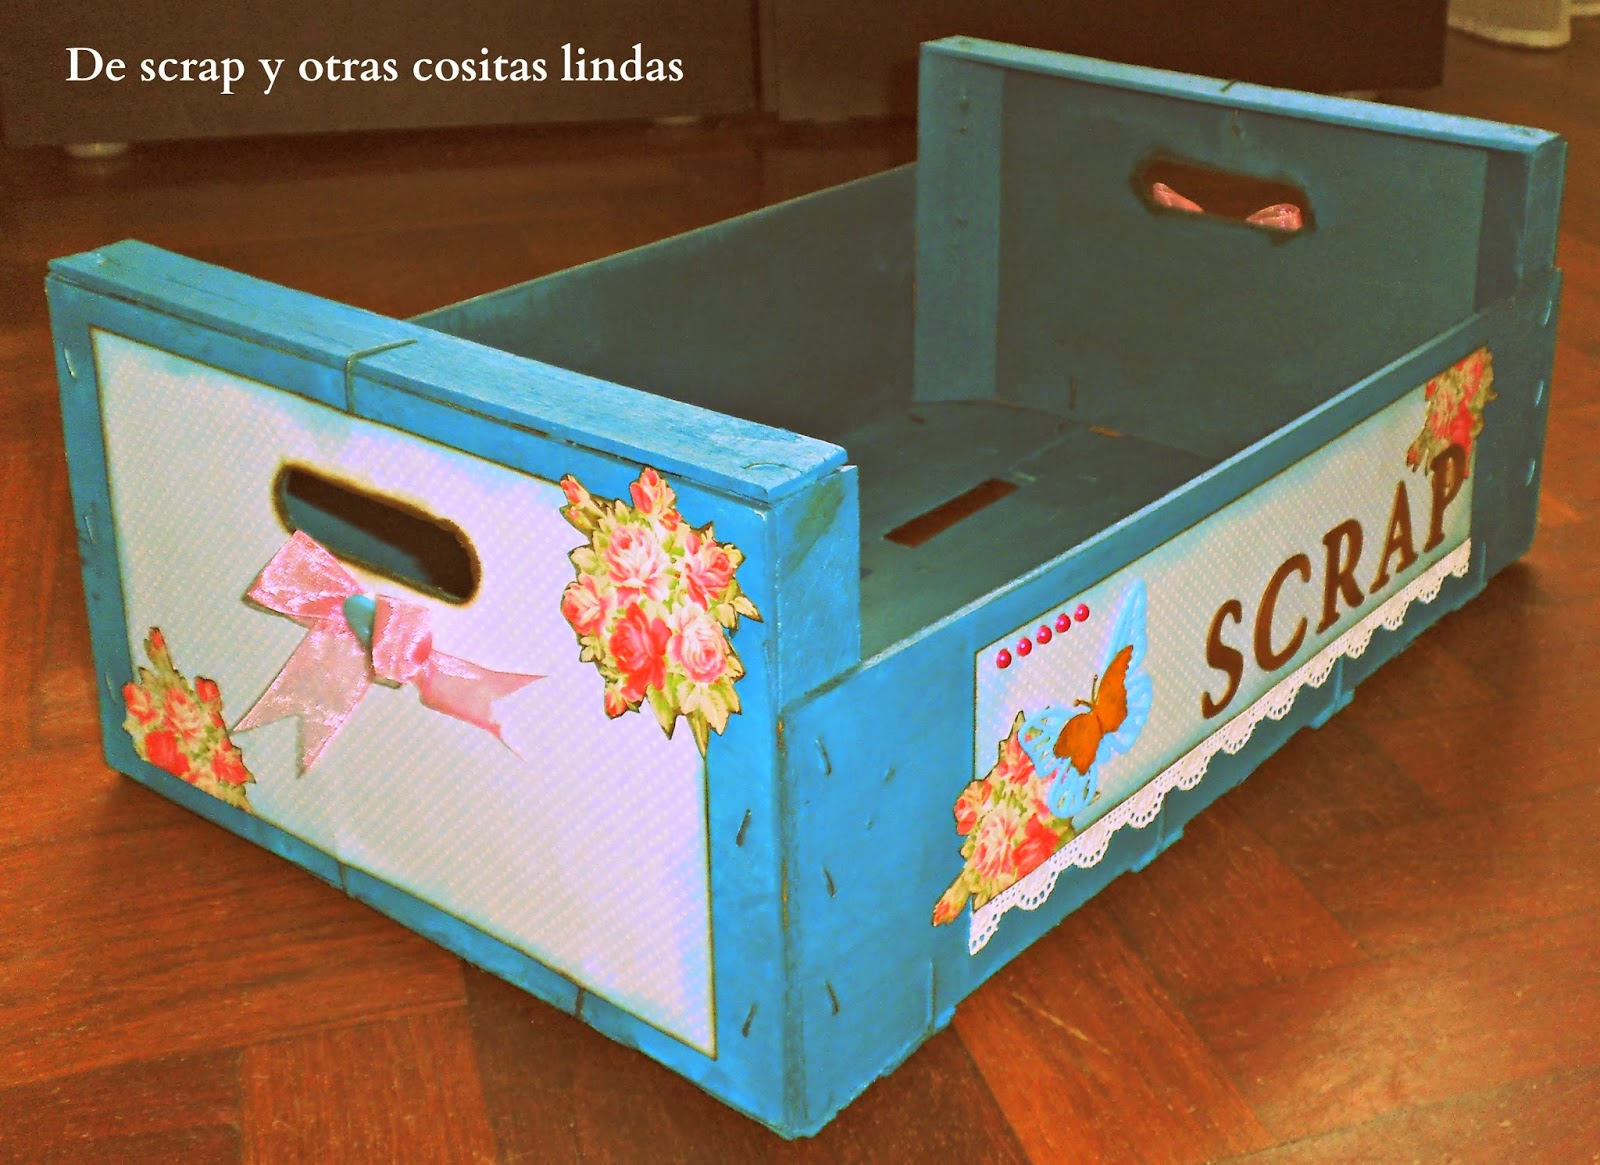 De scrap y otras cositas lindas aniversario ideas para - Cajas de madera de fruta gratis ...